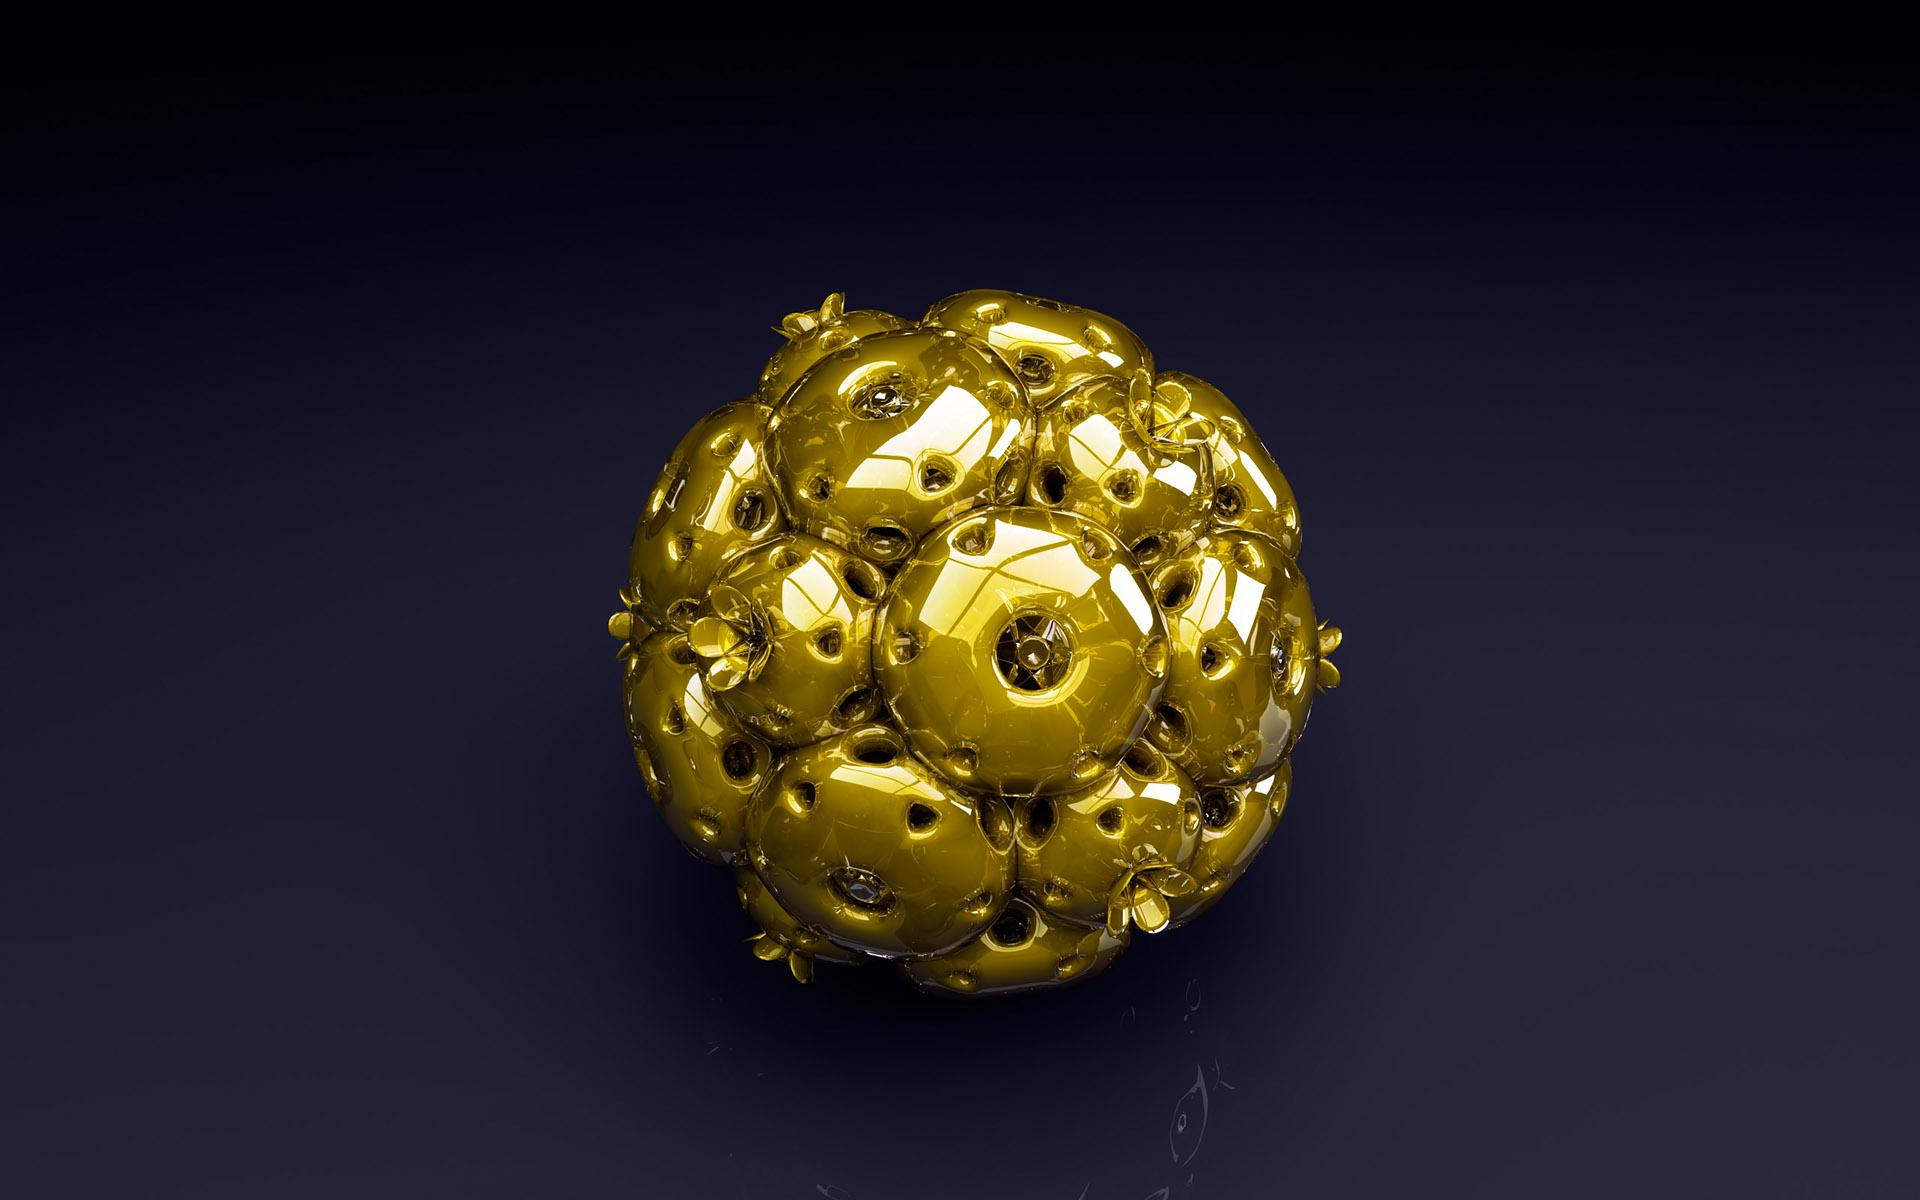 остался картинки с золотыми шарами займёт пару